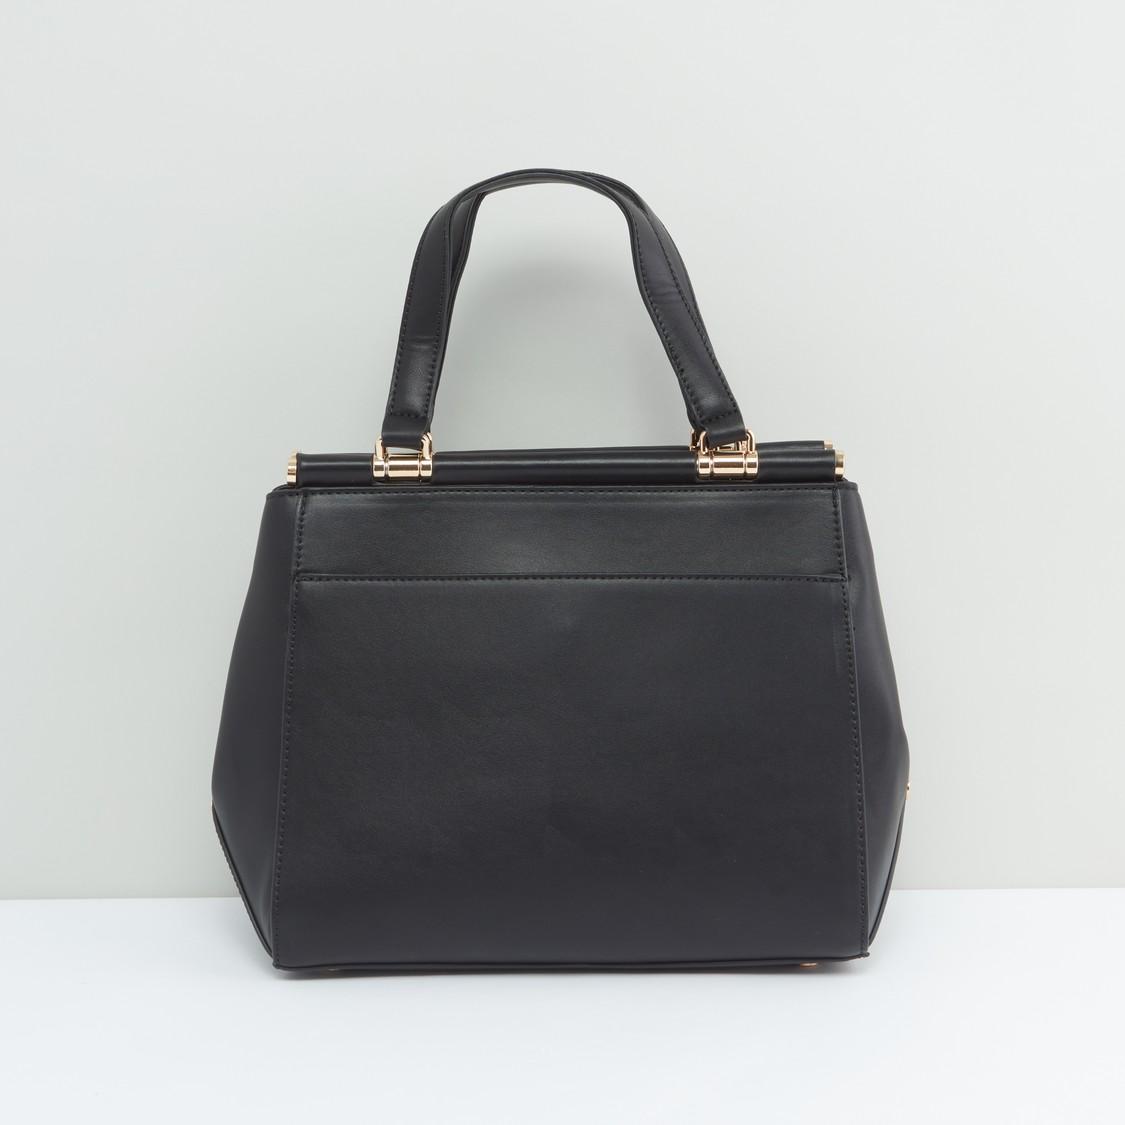 حقيبة يد سادة بمقابض حمّالة مزدوجة